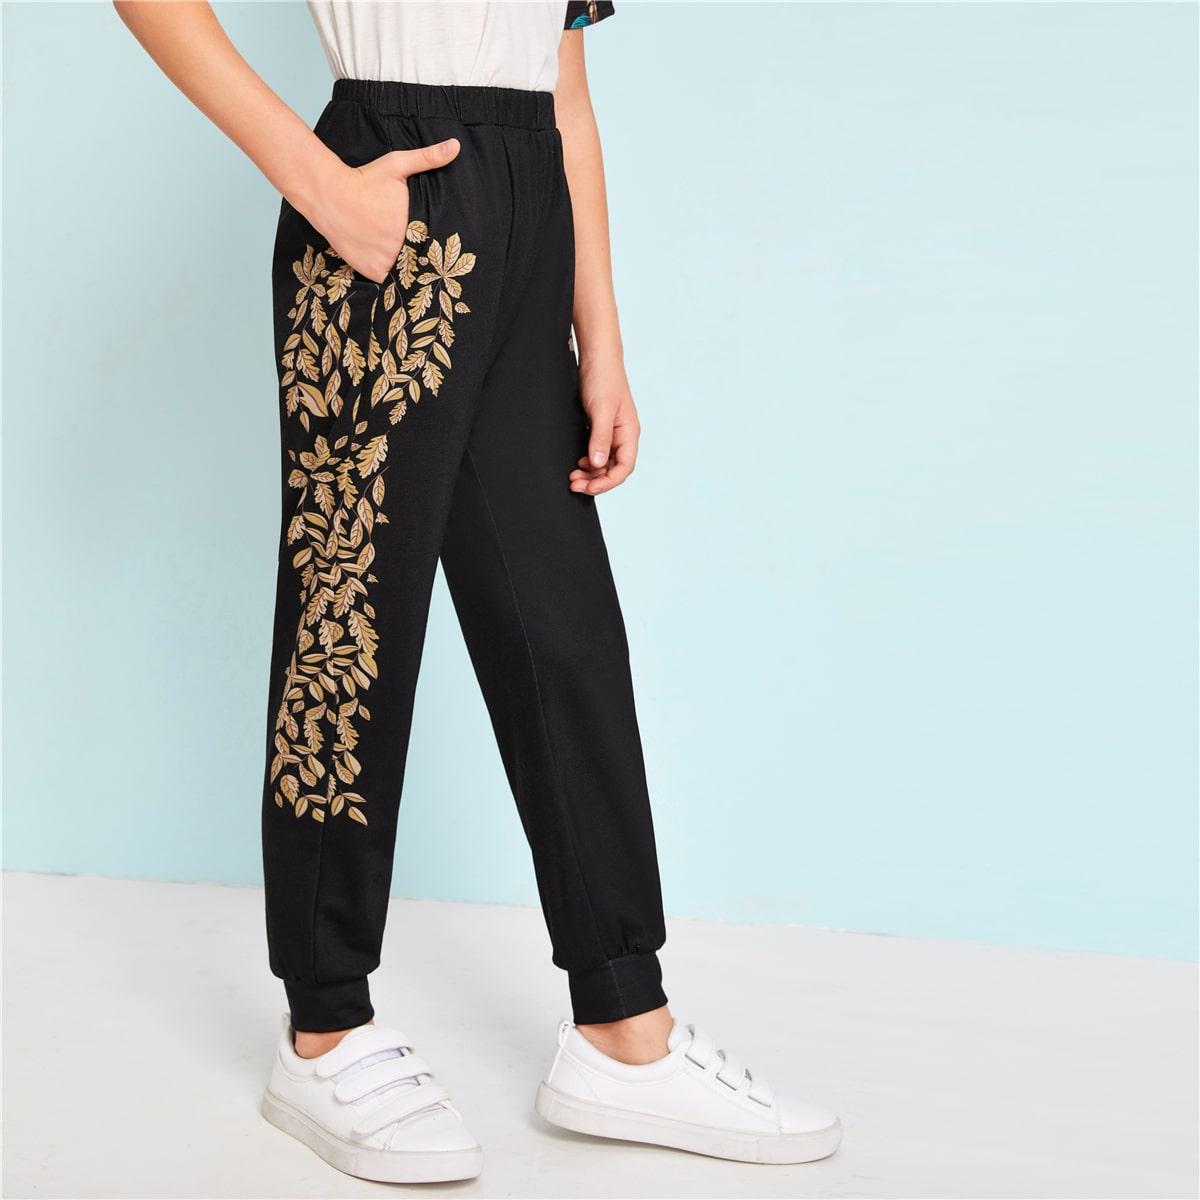 Спортивные брюки с лиственным принтом для мальчиков от SHEIN